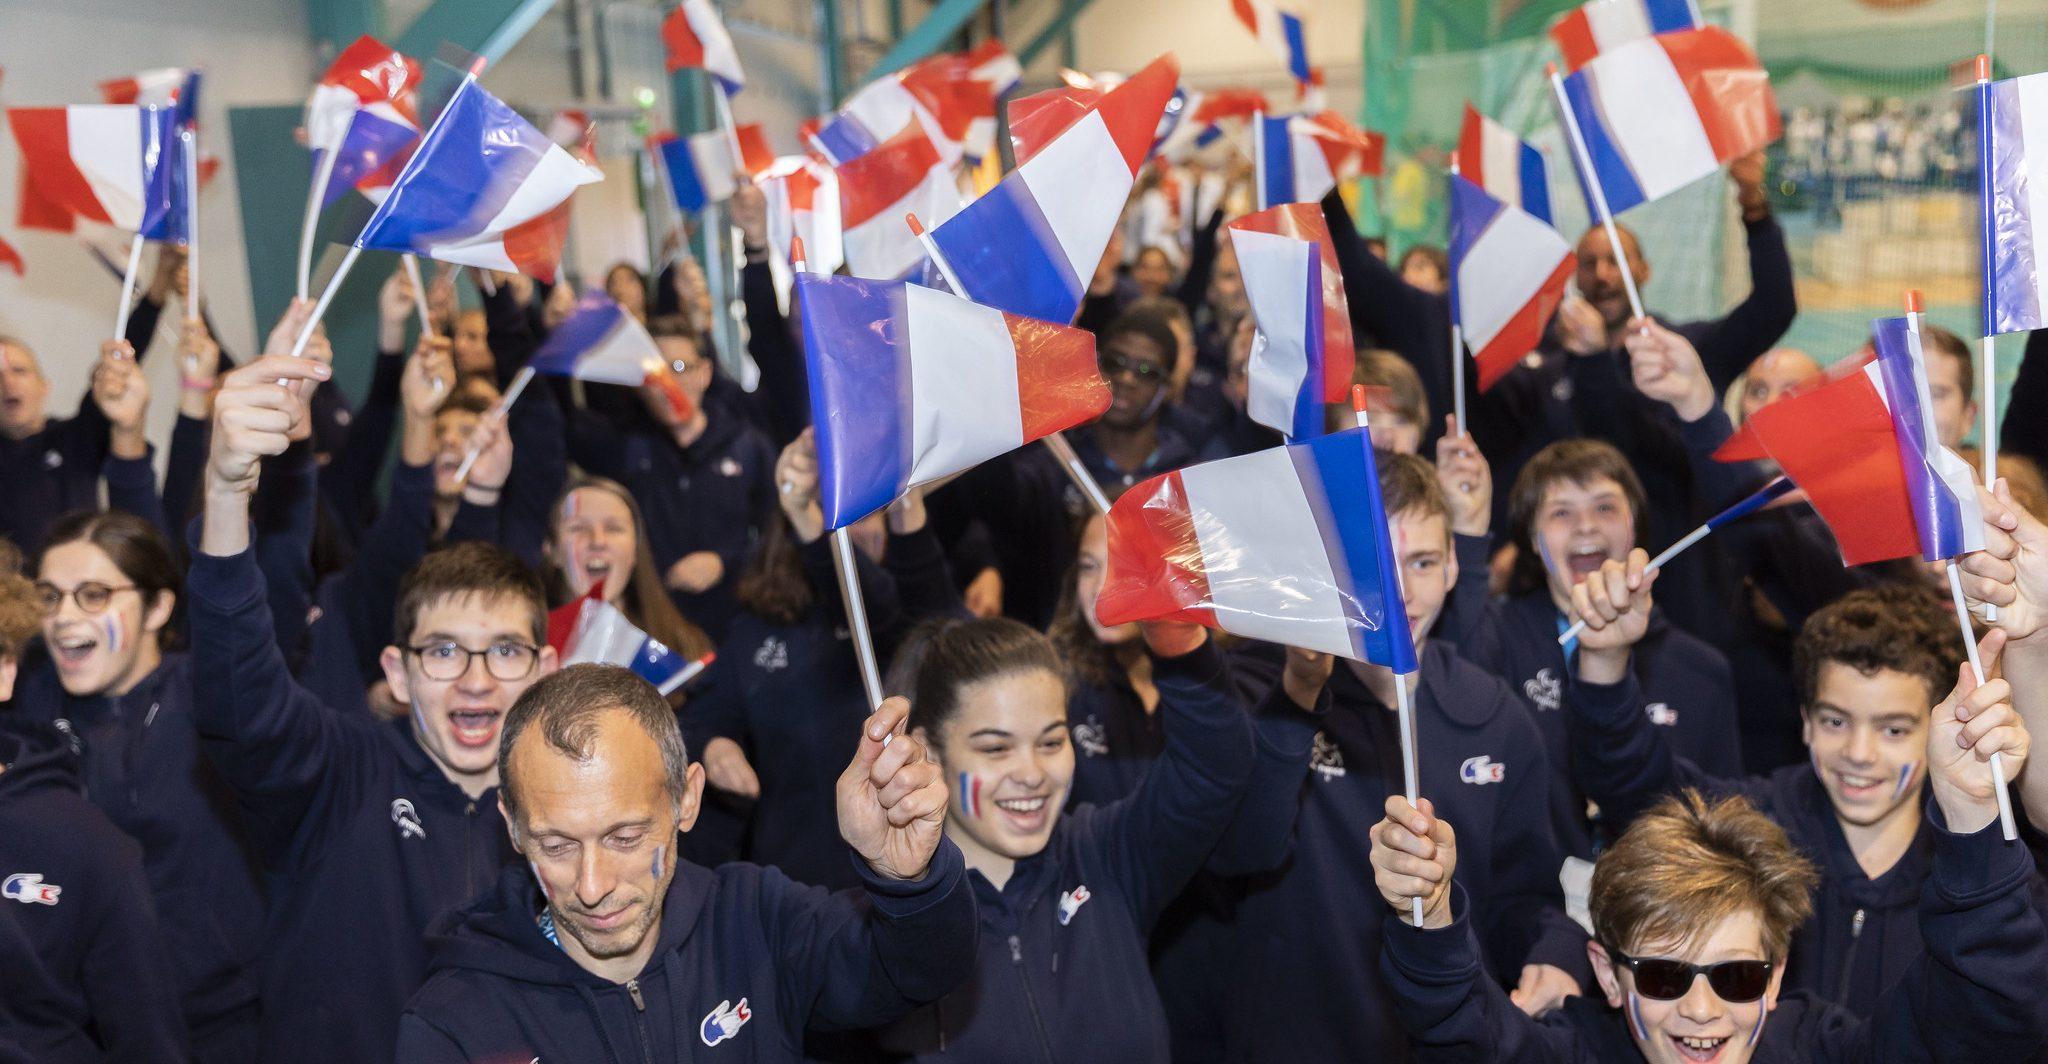 Cérémonie ouverture European Para youth games